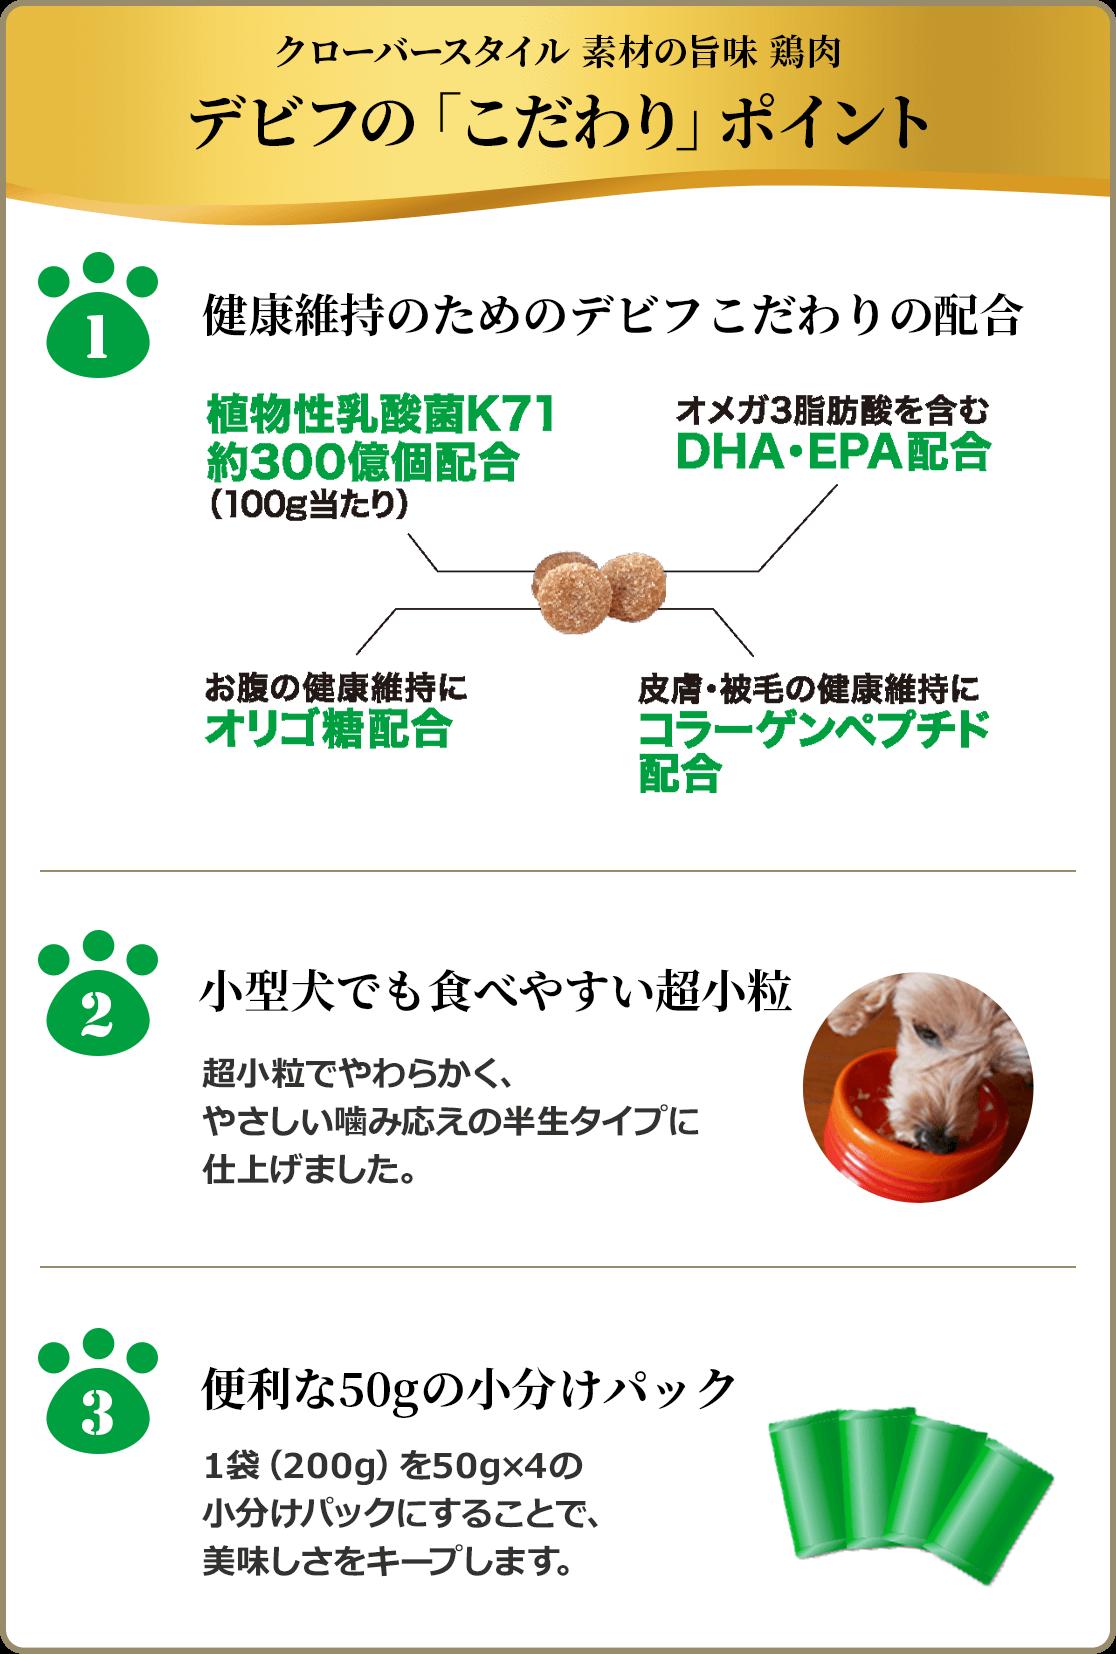 クローバースタイル 素材の旨味 鶏肉 デビフの「こだわり」ポイント 1,健康維持のためのデビフこだわりの配合 植物性乳酸菌K71約300億個配合(100g当たり) オメガ3脂肪酸を含むDHA・EPA配合 お腹の健康維持にオリゴ糖配合 皮膚・被毛の健康維持にコラーゲンペプチド配合 2,小型犬でも食べやすい超小粒 超小粒でやわらかく、やさしい噛み応えの半生タイプに仕上げました 3,便利な50gの小分けパック 1袋(200g)を50g×4の小分けパックにすることで、美味しさをキープします。